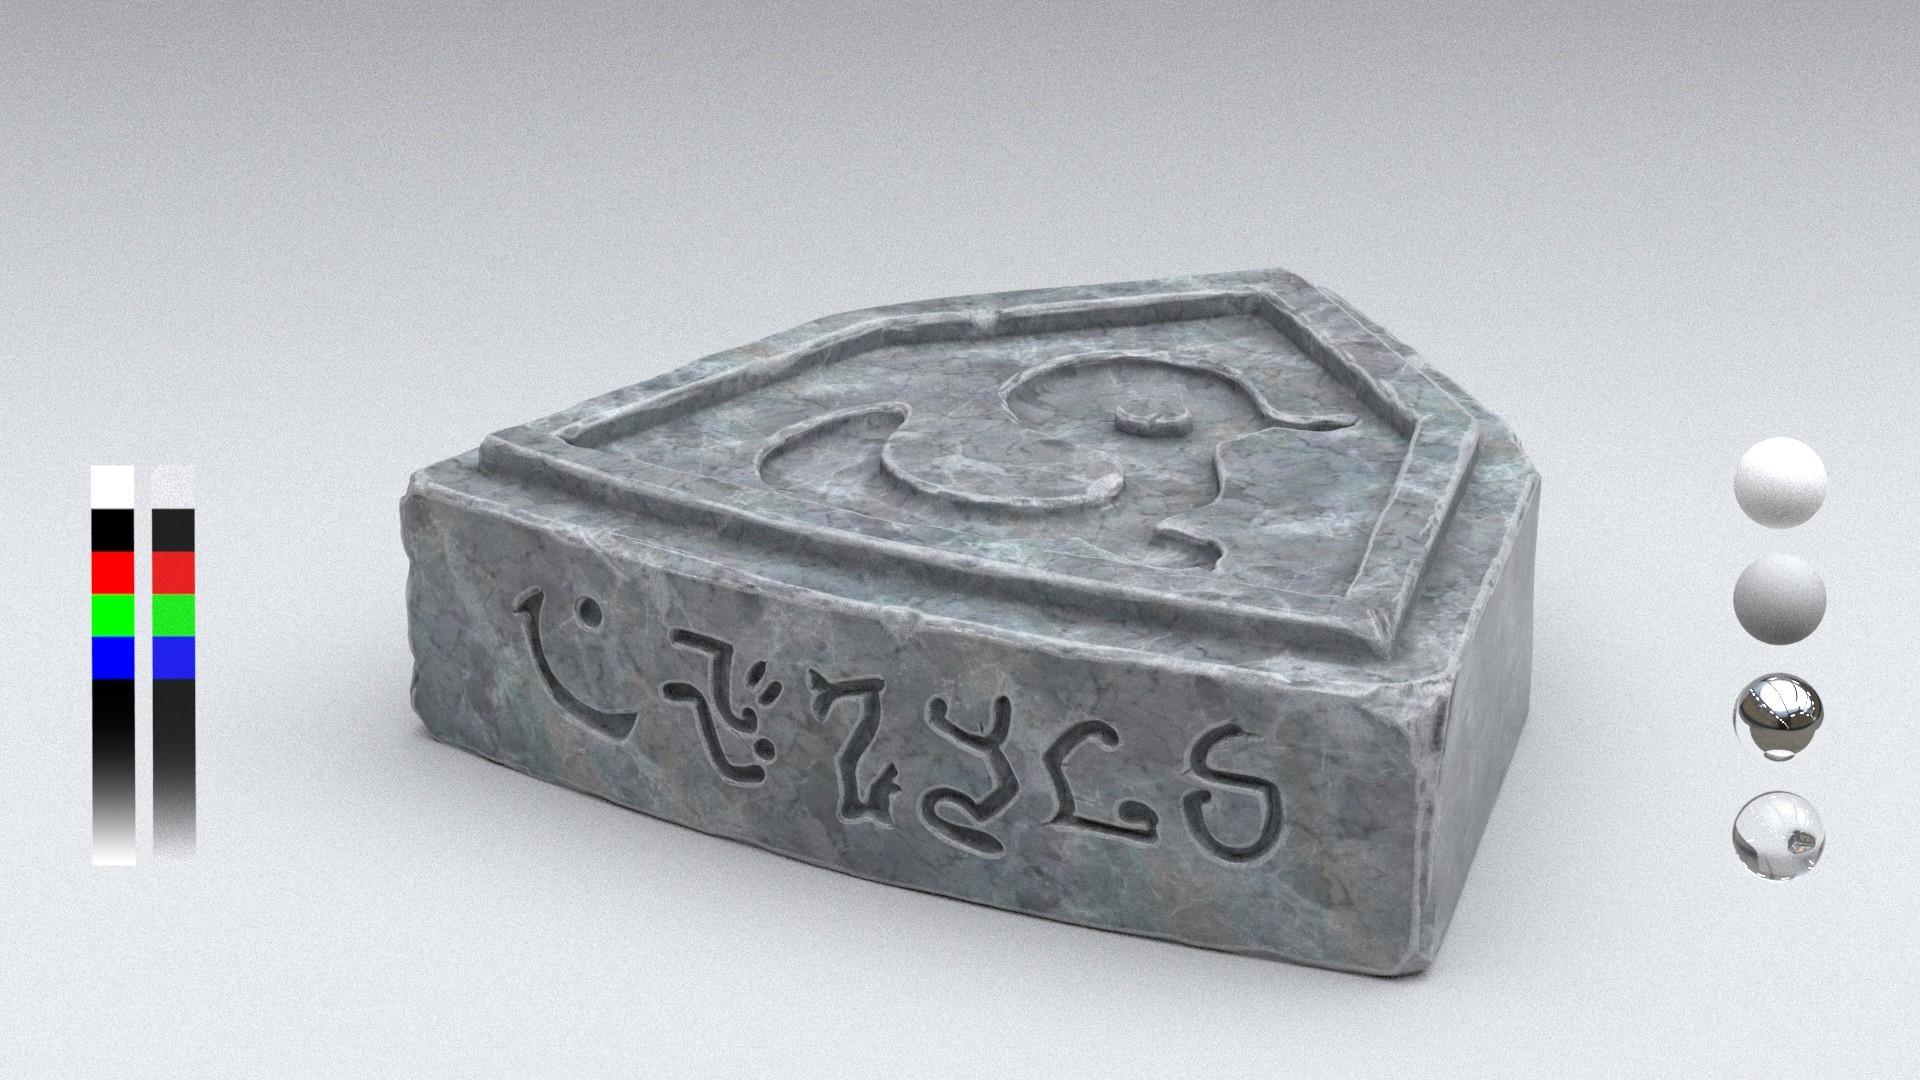 Darko mitev rune stone